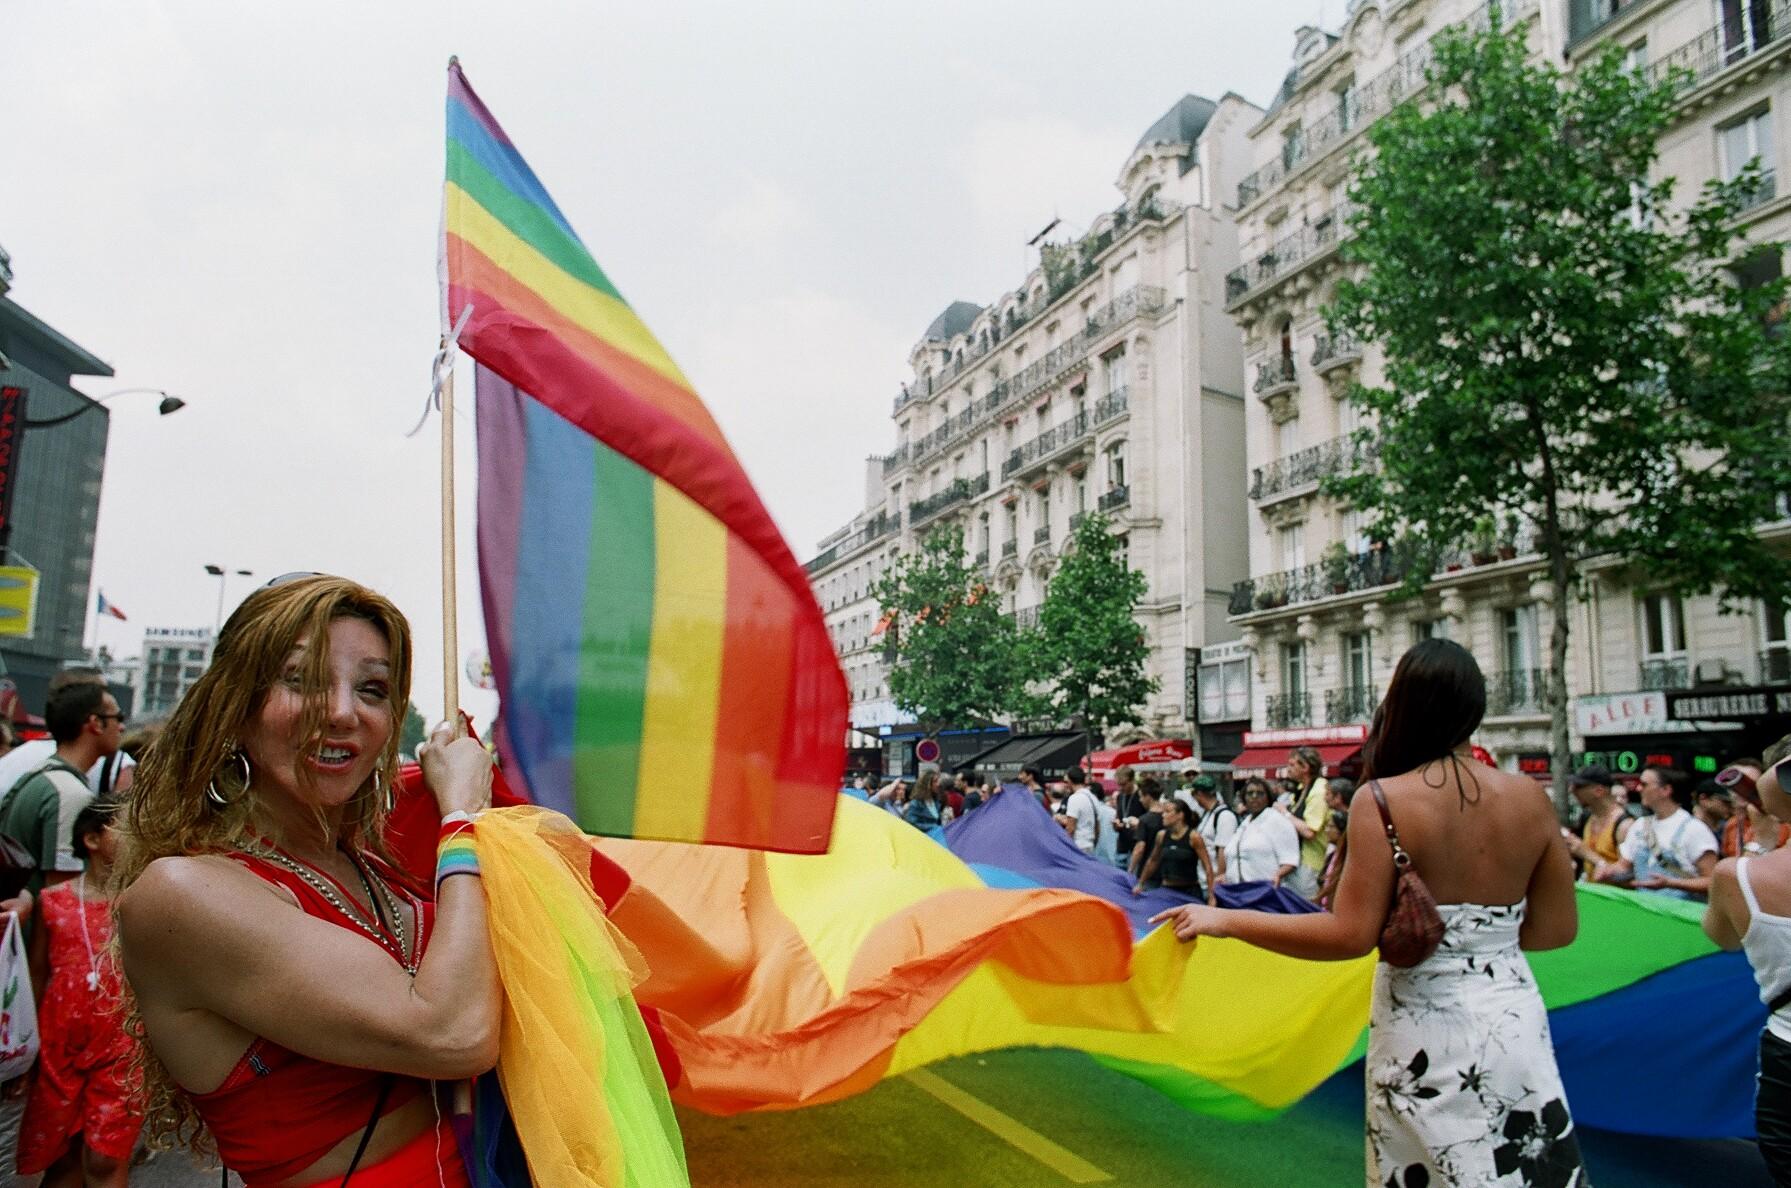 Marche des Fiertés Paris, la date officielle : 02 juillet 2016